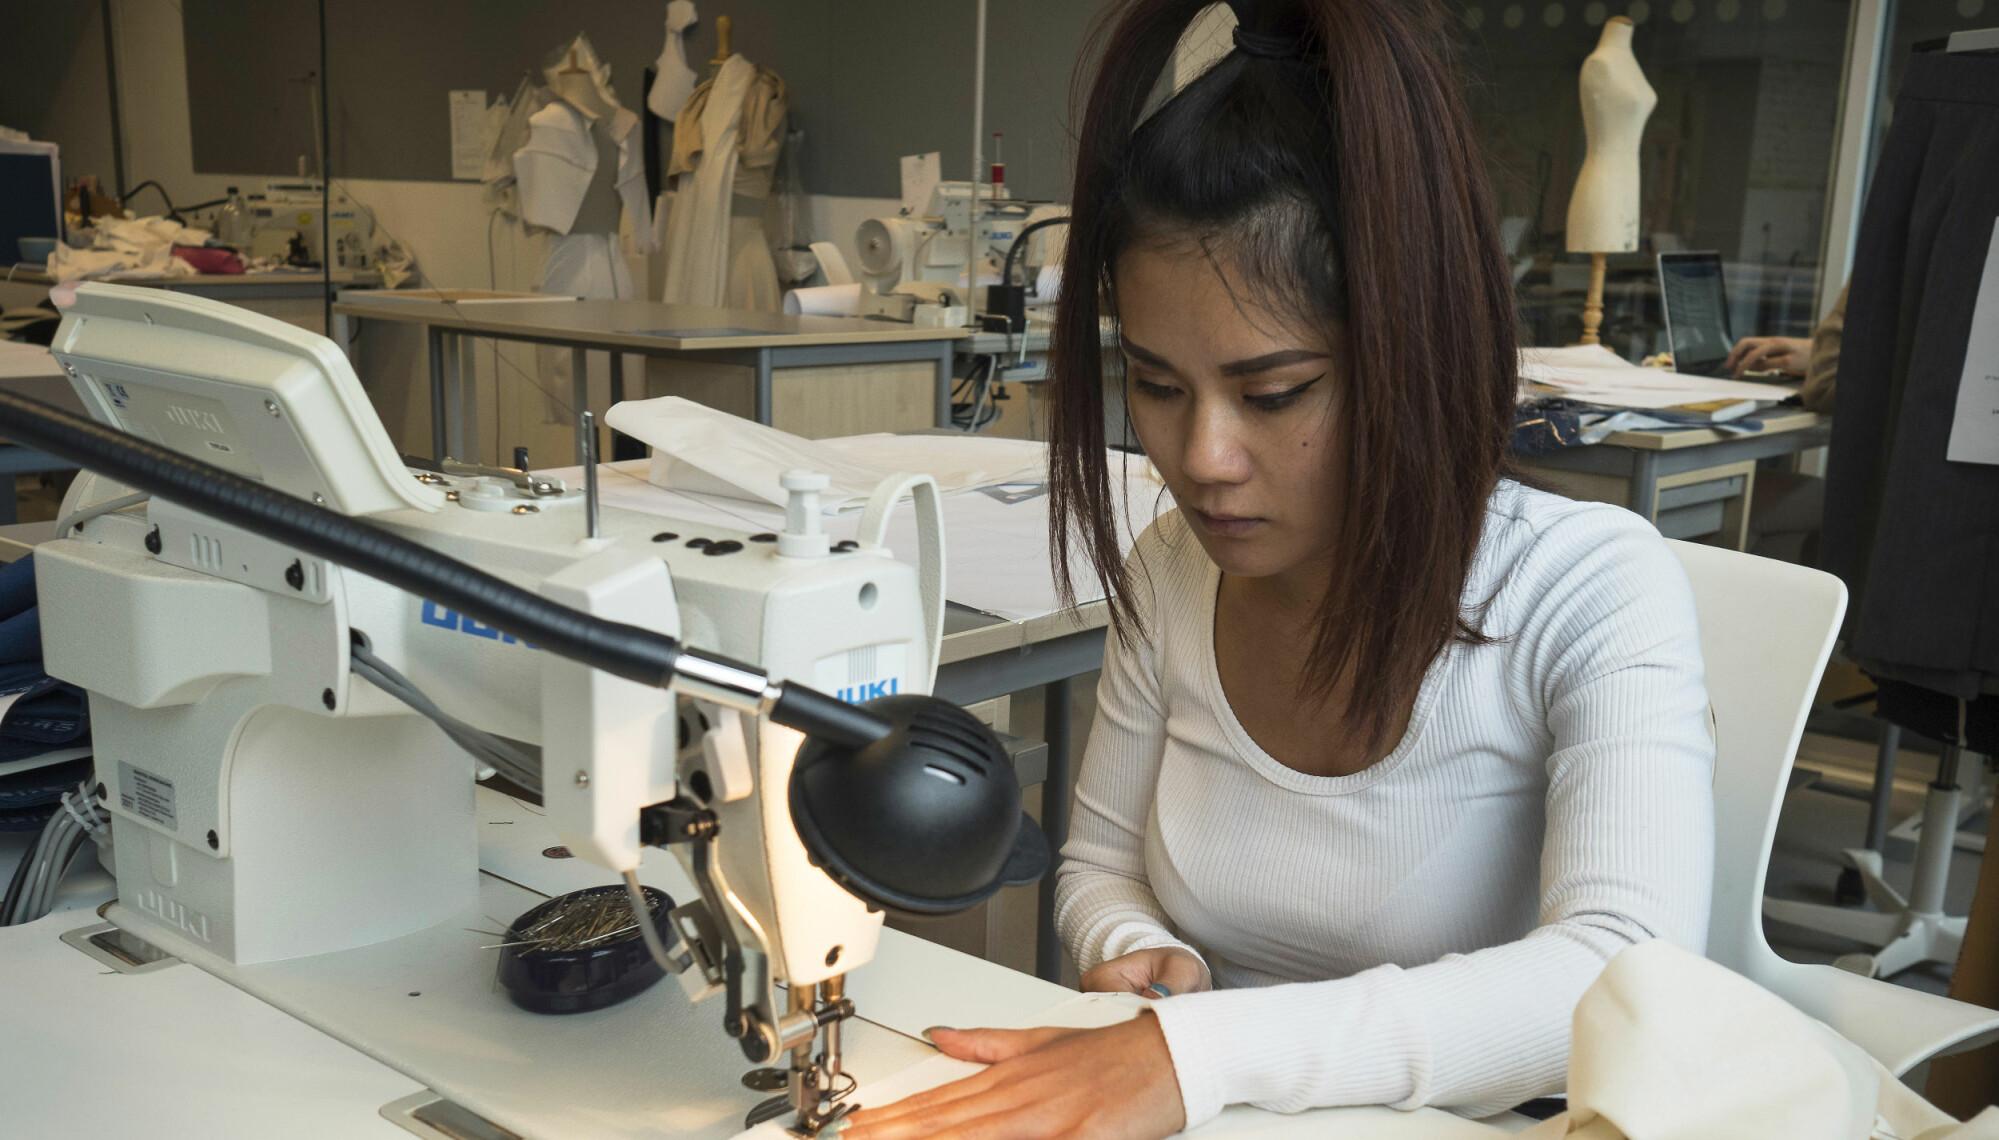 Sinaporn Hannok i full konsentrasjon ved symaskinen.